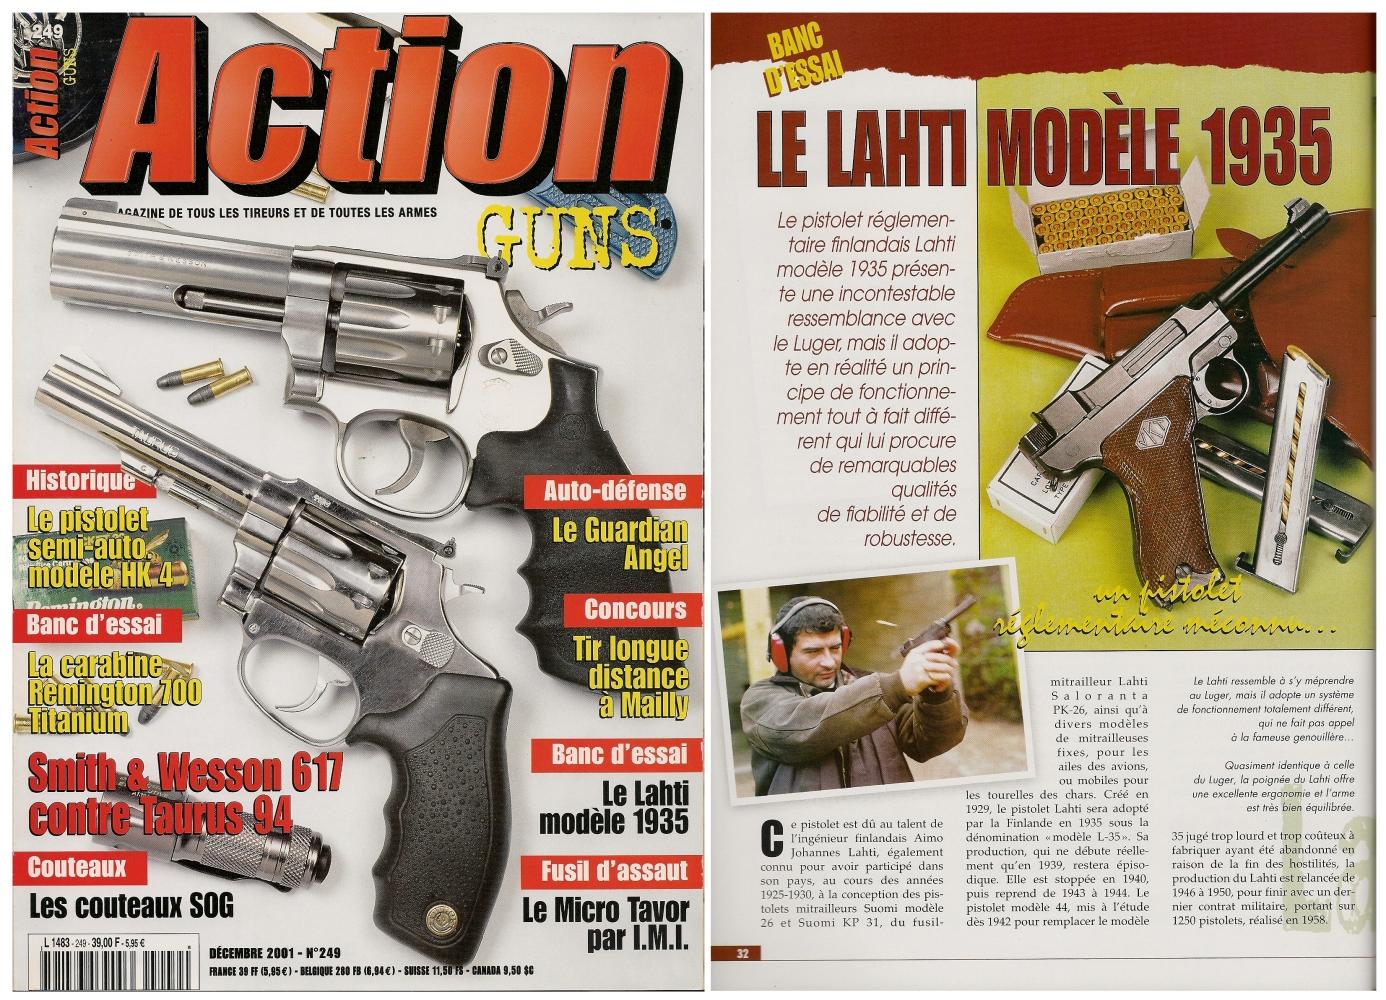 Le banc d'essai du pistolet Lahti modèle 1935 a été publié sur 7 pages dans le magazine Action Guns n°249 (décembre 2001)